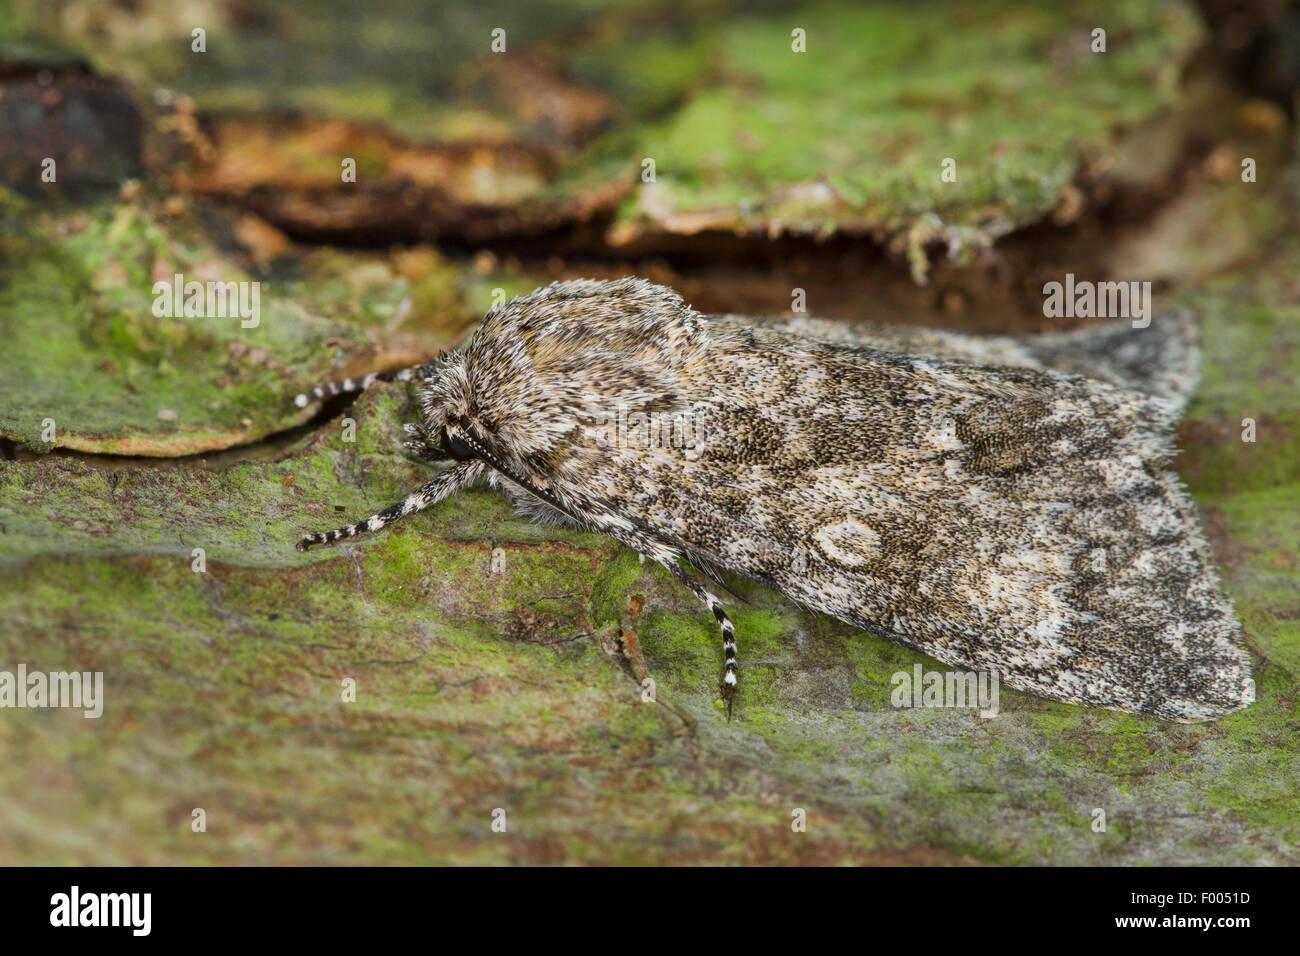 Poplar grey (Acronicta megacephala, Apatele megacephala), on bark, Germany - Stock Image